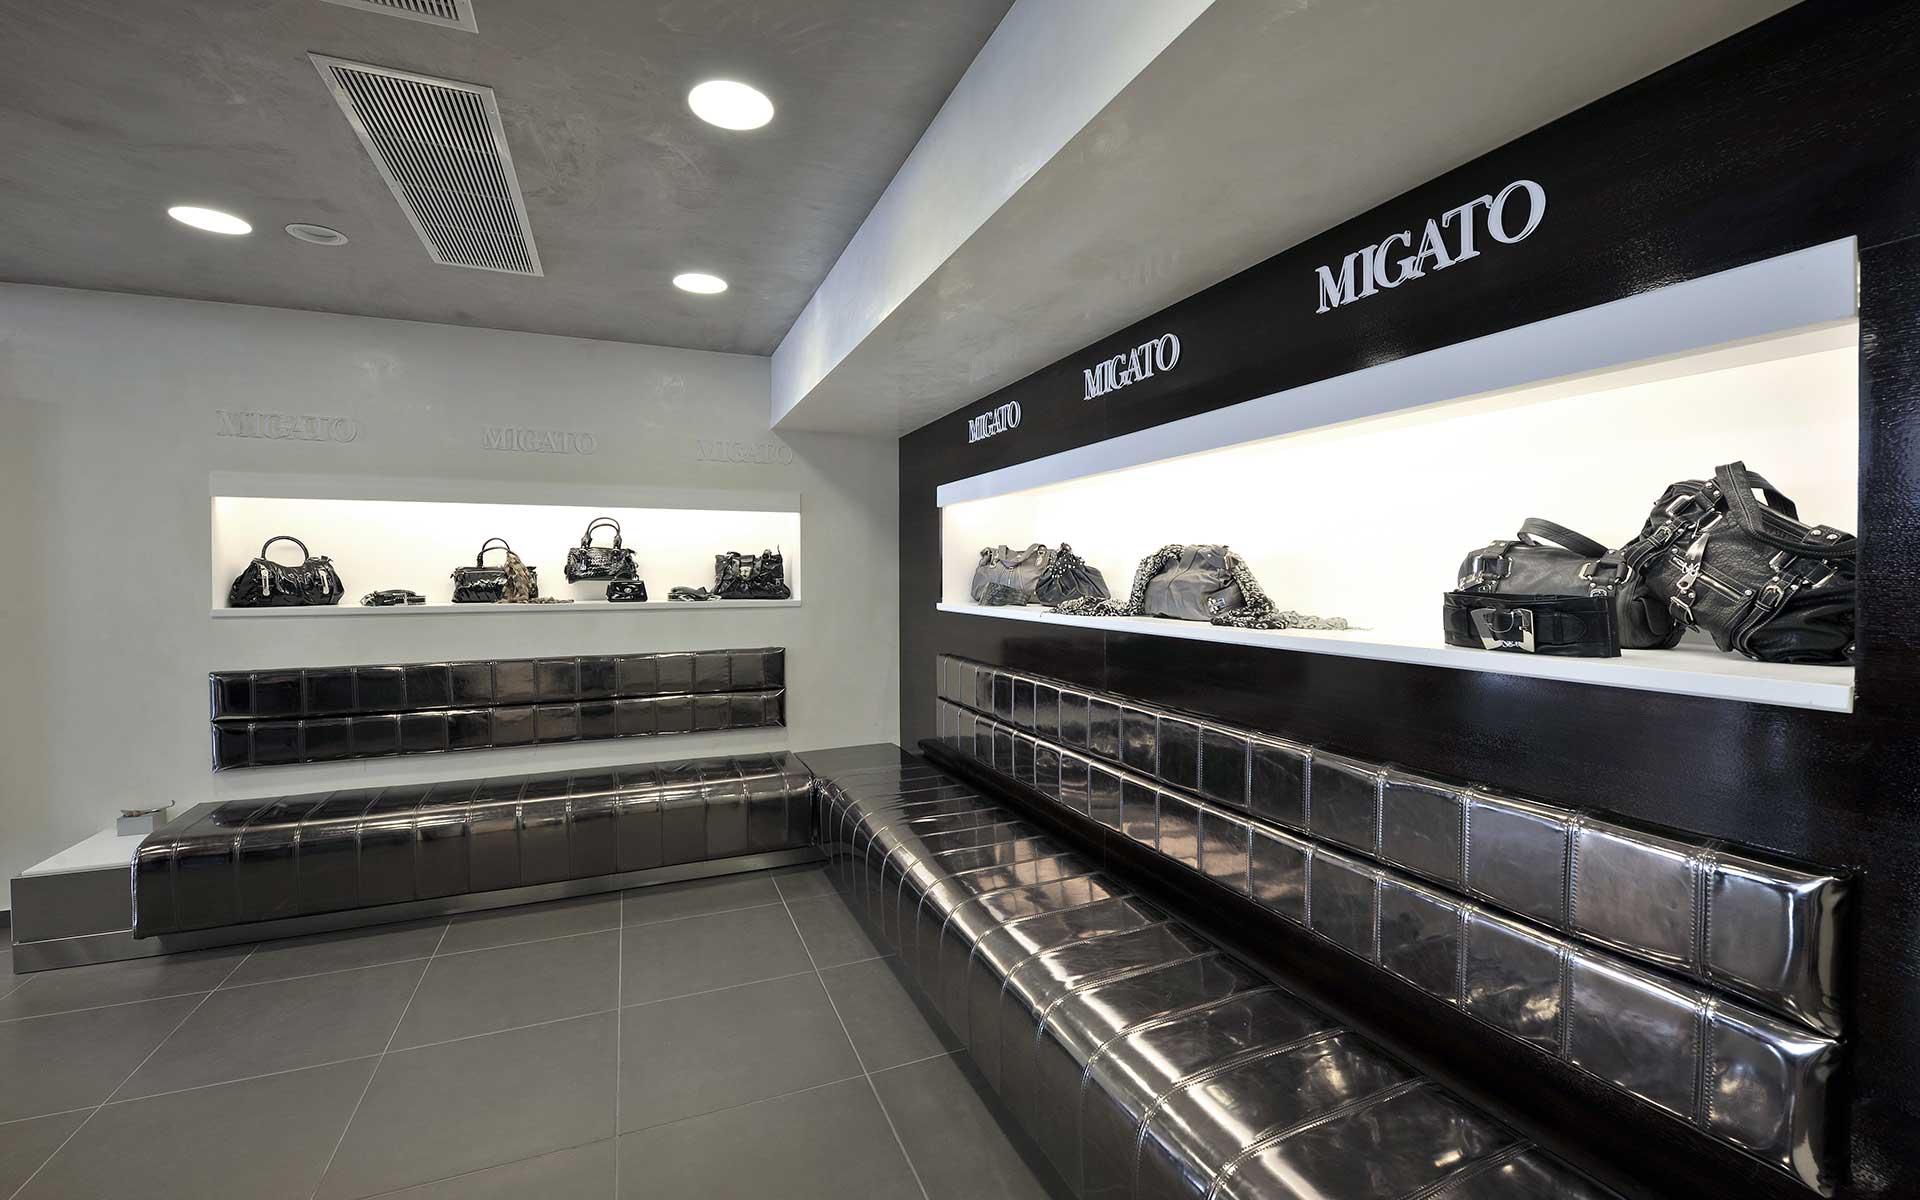 KDI CONTRACT-migato-store-aigaleo